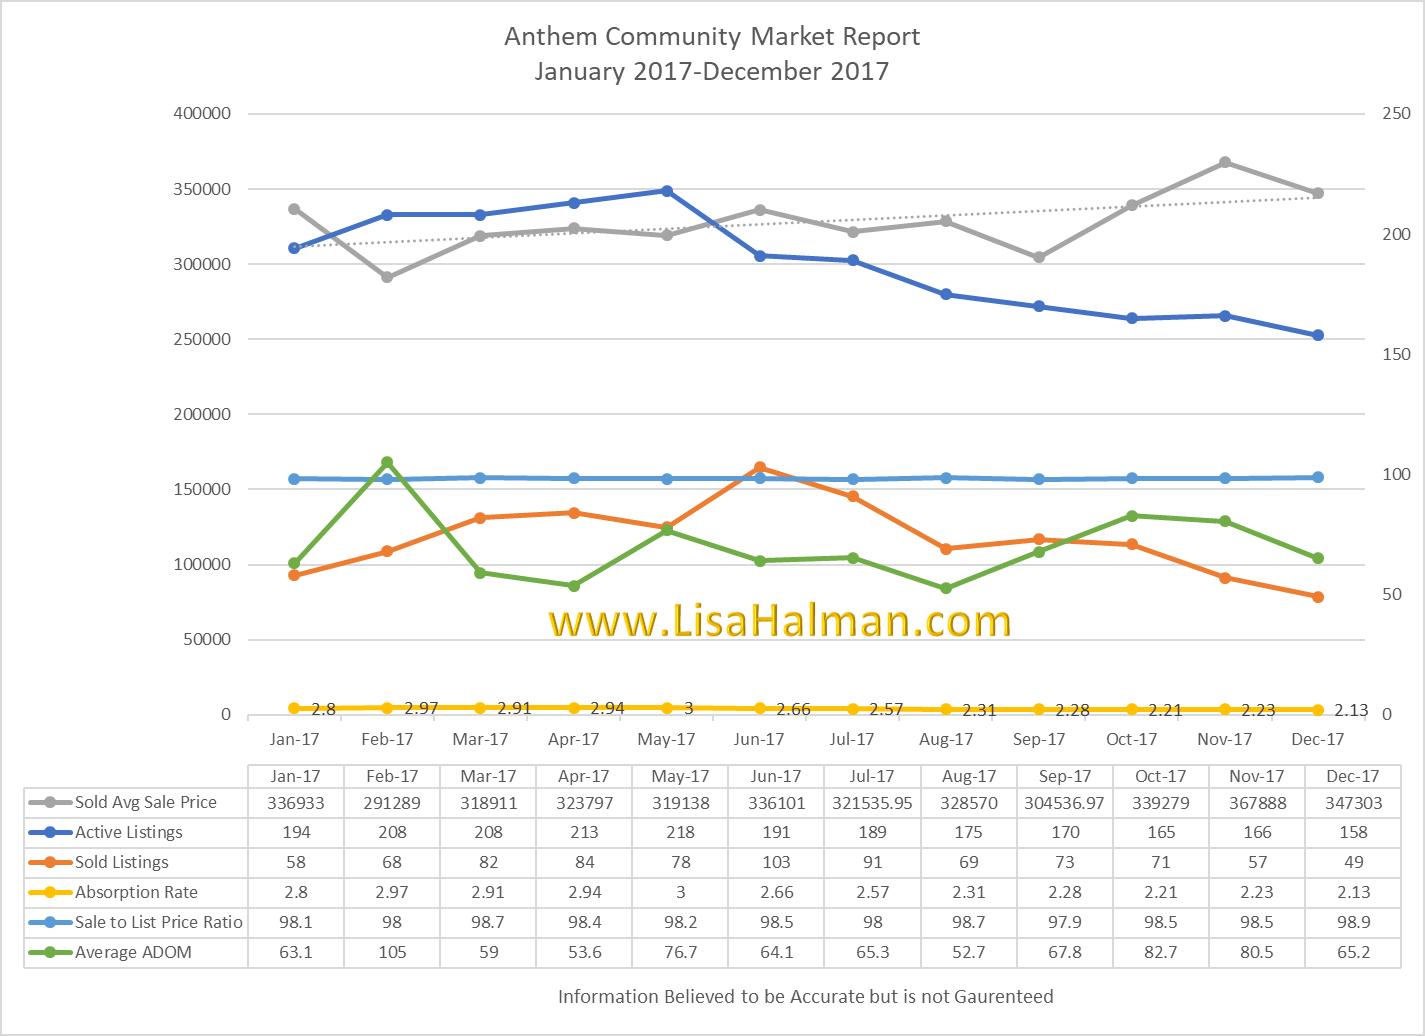 Anthem Market Update December 2017